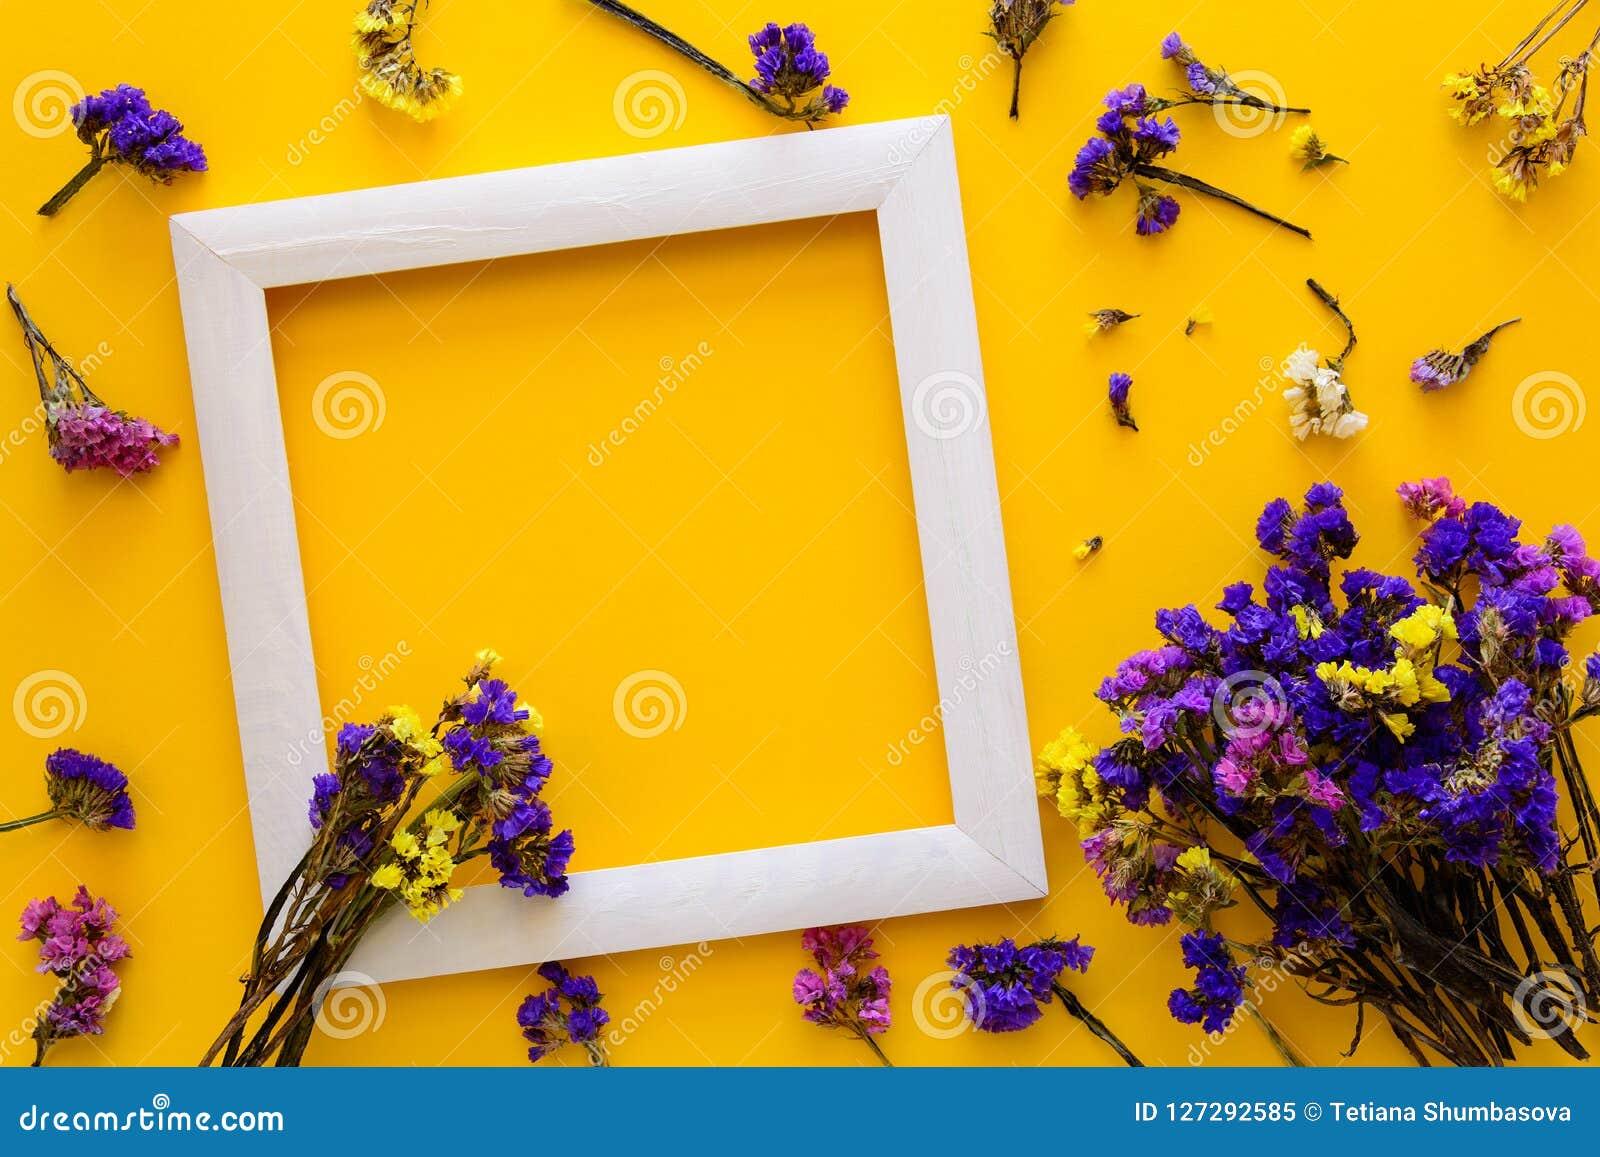 Η ζωηρόχρωμη ανθοδέσμη του ξηρού φθινοπώρου ανθίζει να βρεθεί σε ένα άσπρο πλαίσιο στο κίτρινο υπόβαθρο εγγράφου διάστημα αντιγρά